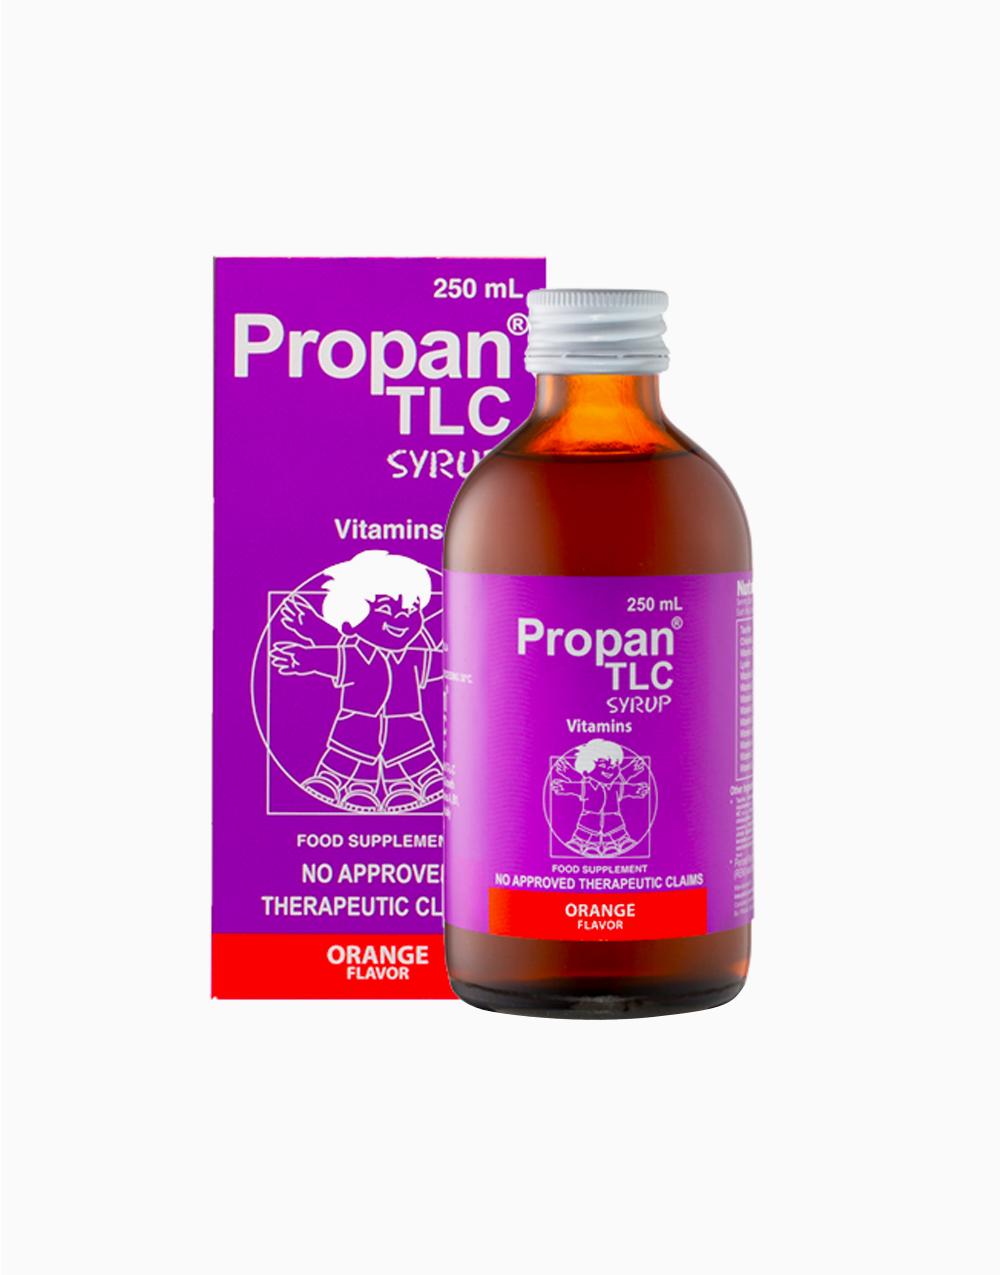 Propan TLC Syrup (250ml) by Propan TLC